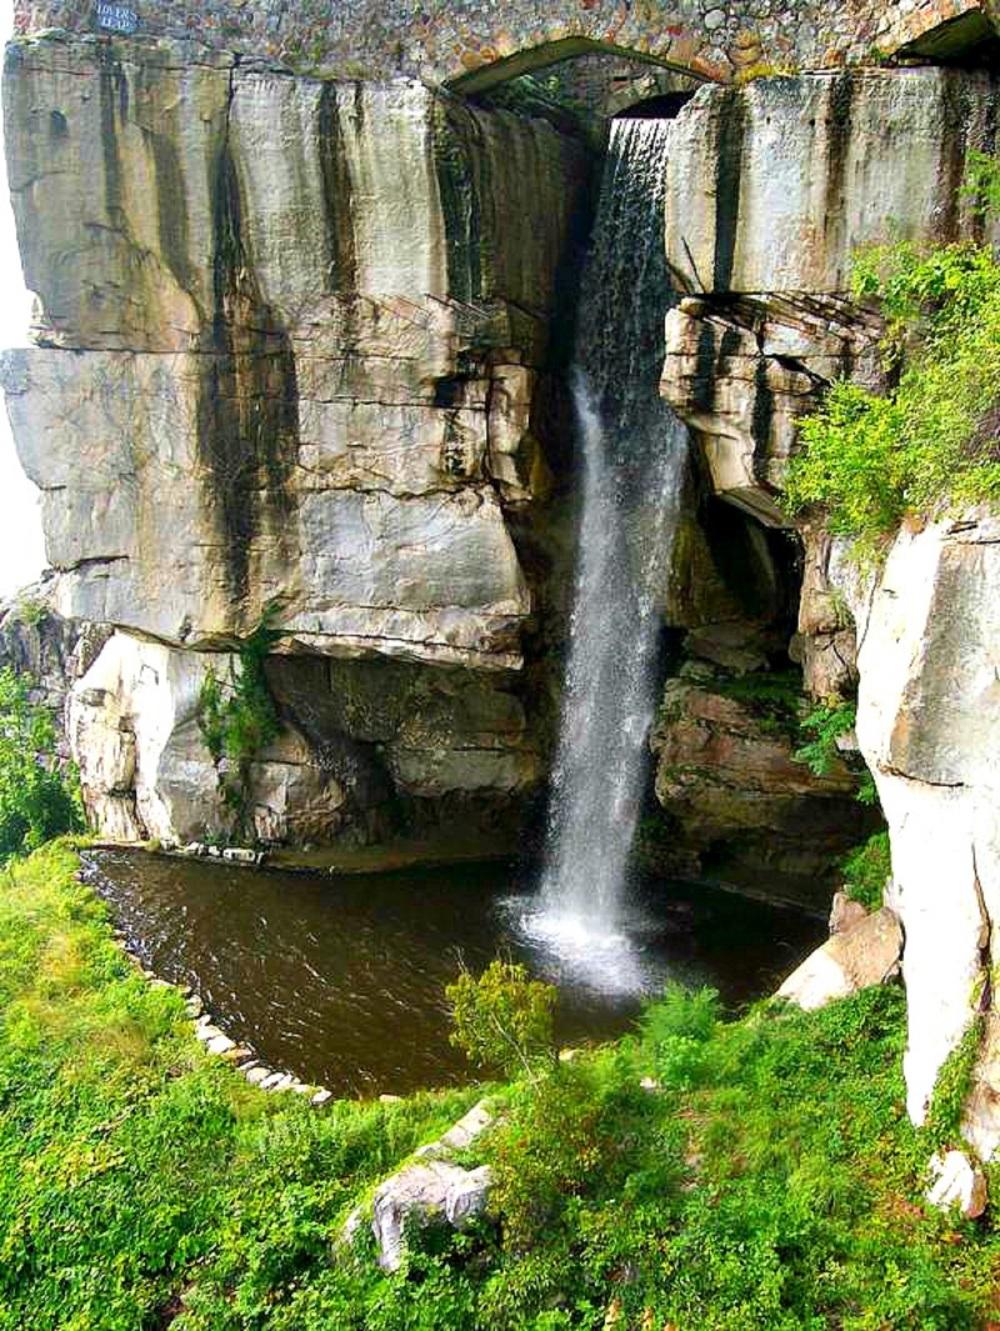 rock-city-ga-falls